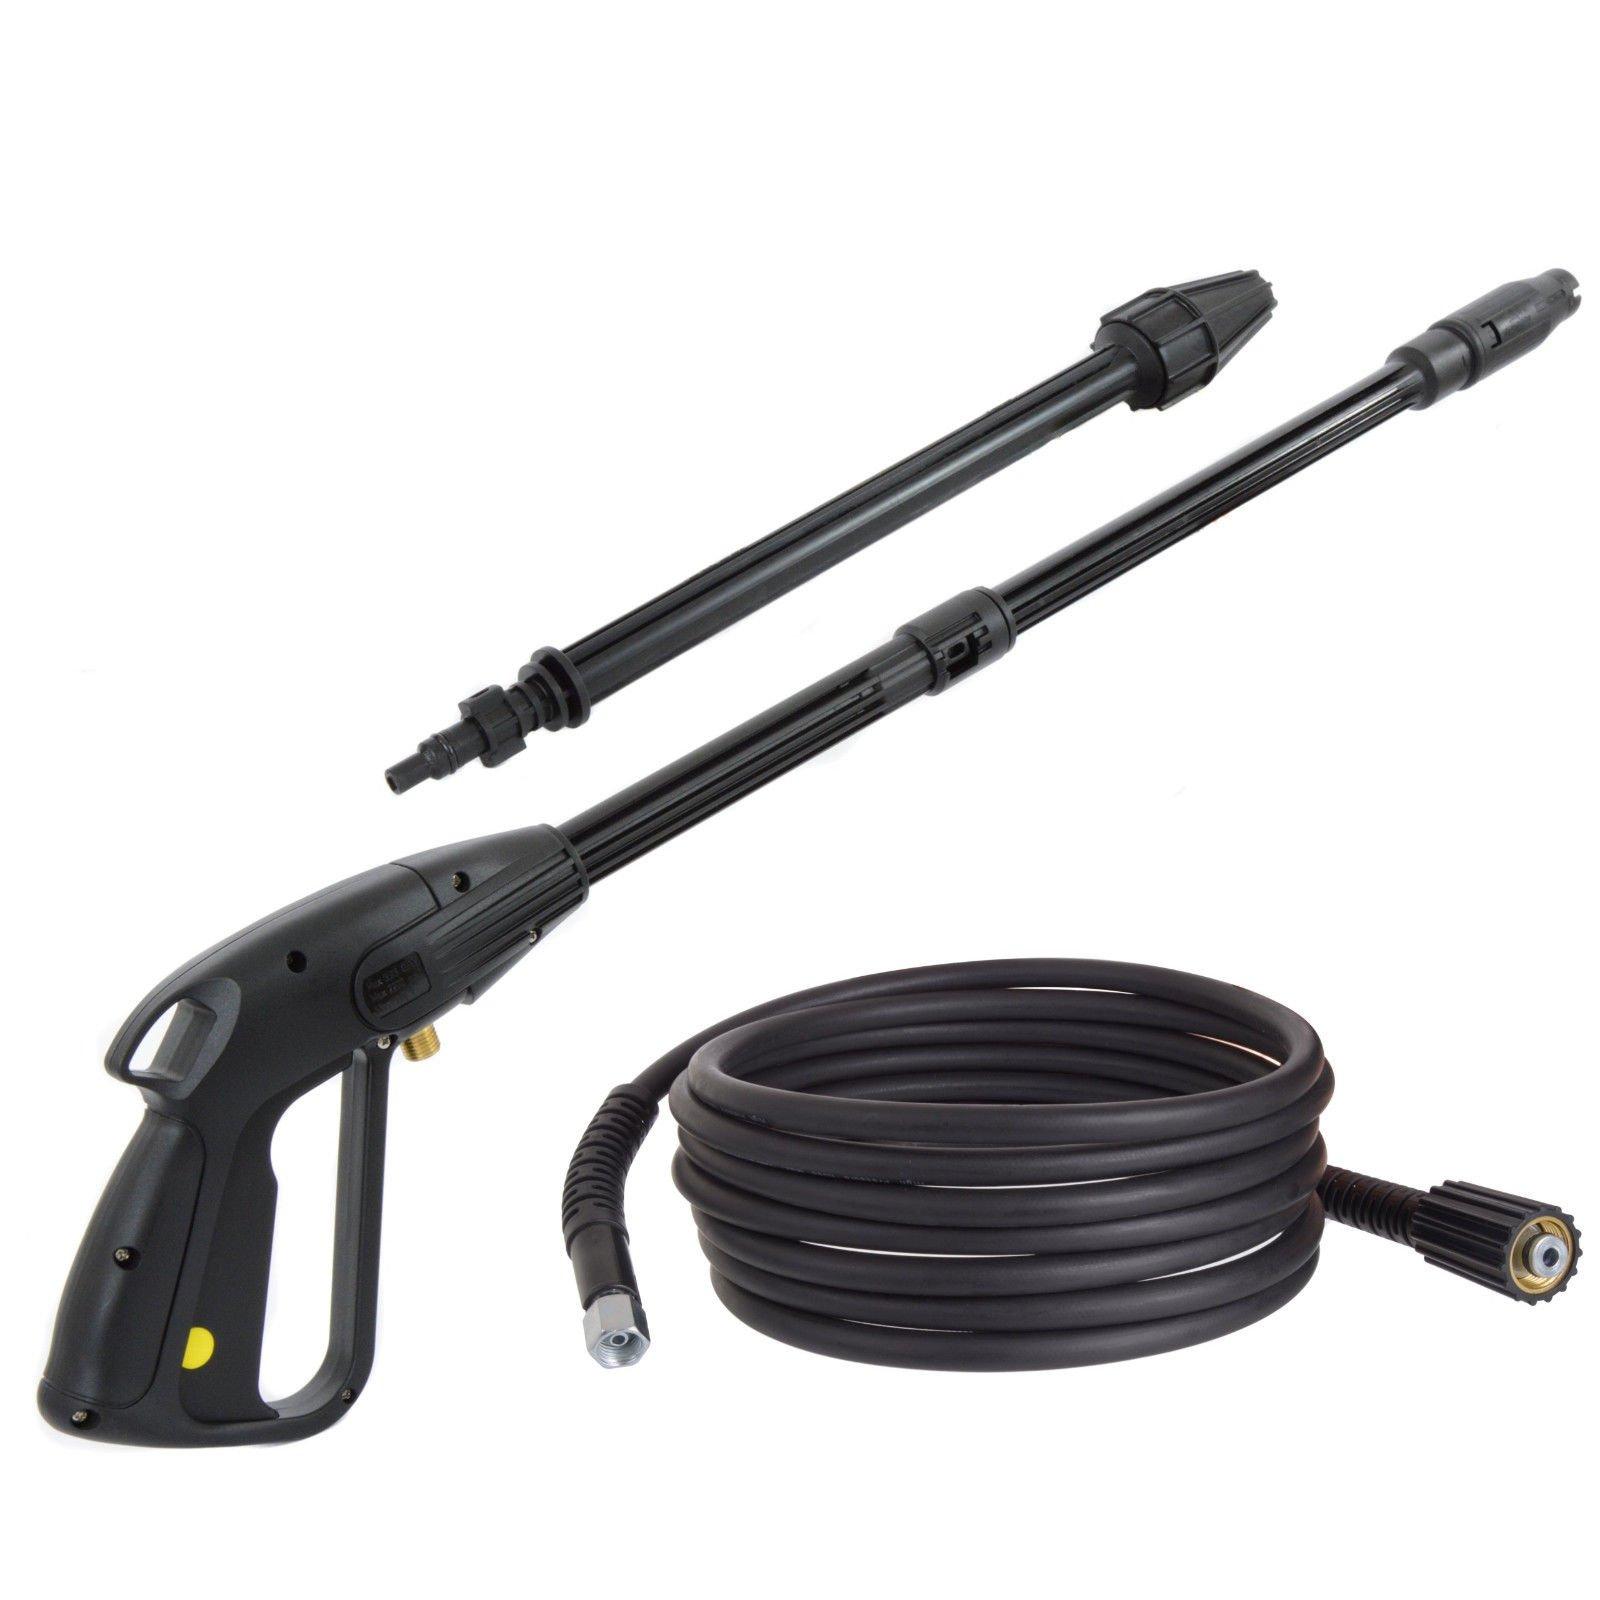 HOBBY-Pistole-mit-Rotordse-Lanze-Einstellbare-Dse-5m-Hochdruckschlauch-fr-Hochdruckreiniger-Krcher-K